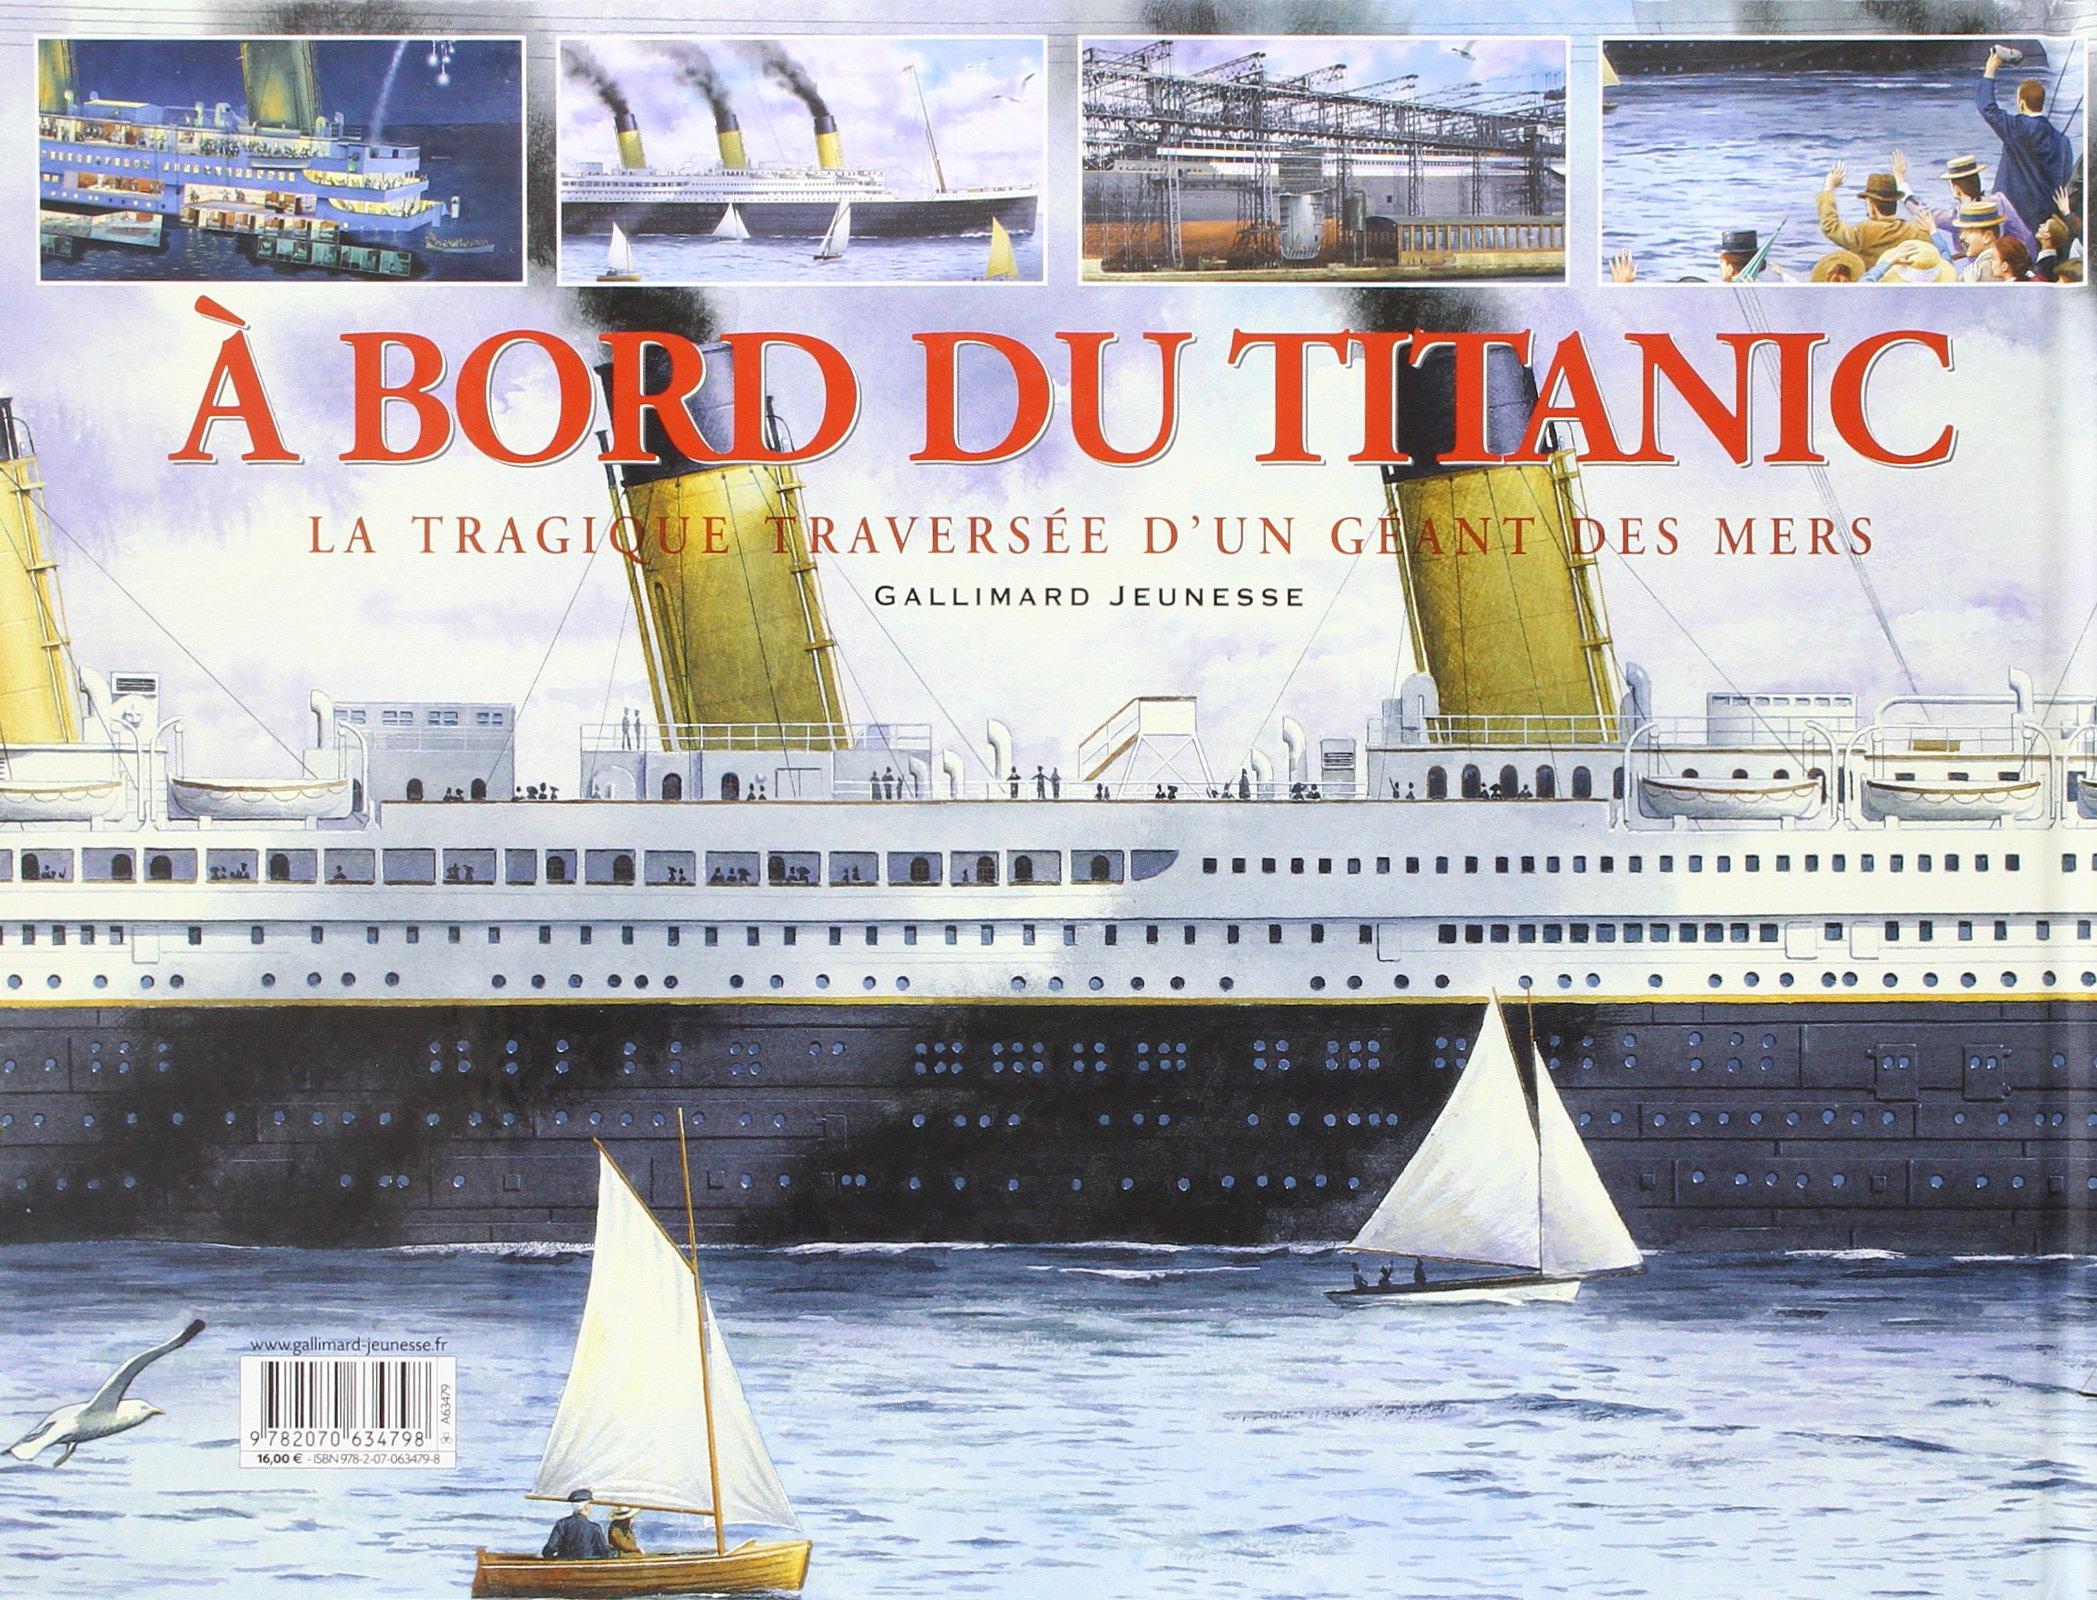 À bord du Titanic : la tragique traversée d'un géant des mers 91r7ero%2BPTL